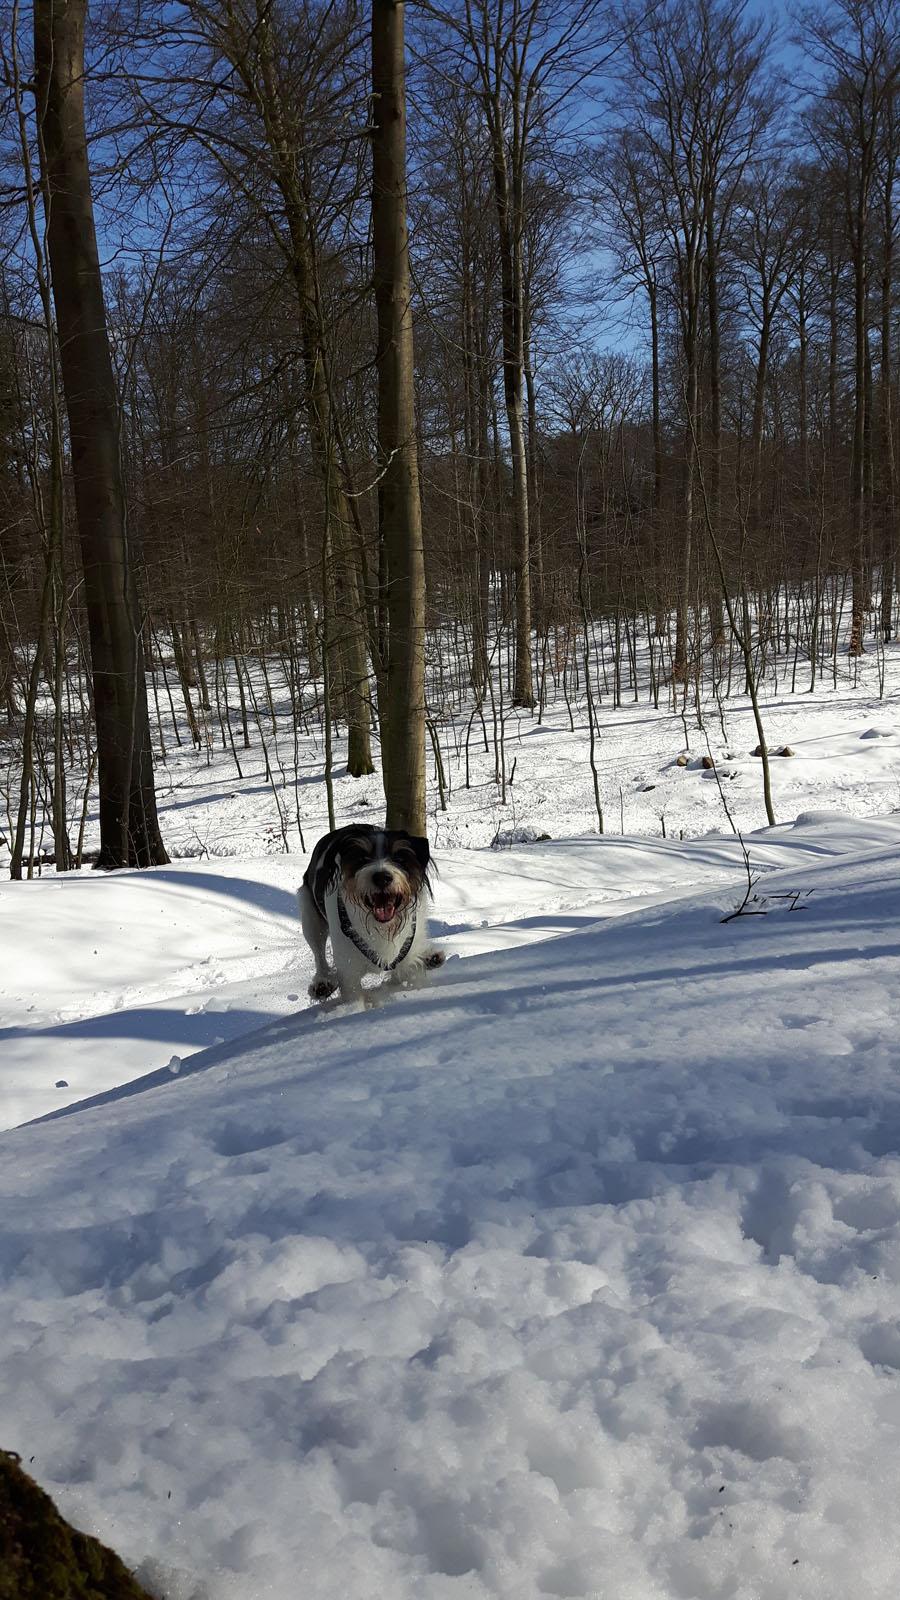 Hauptsache ich kann rennen, am liebsten im Schnee